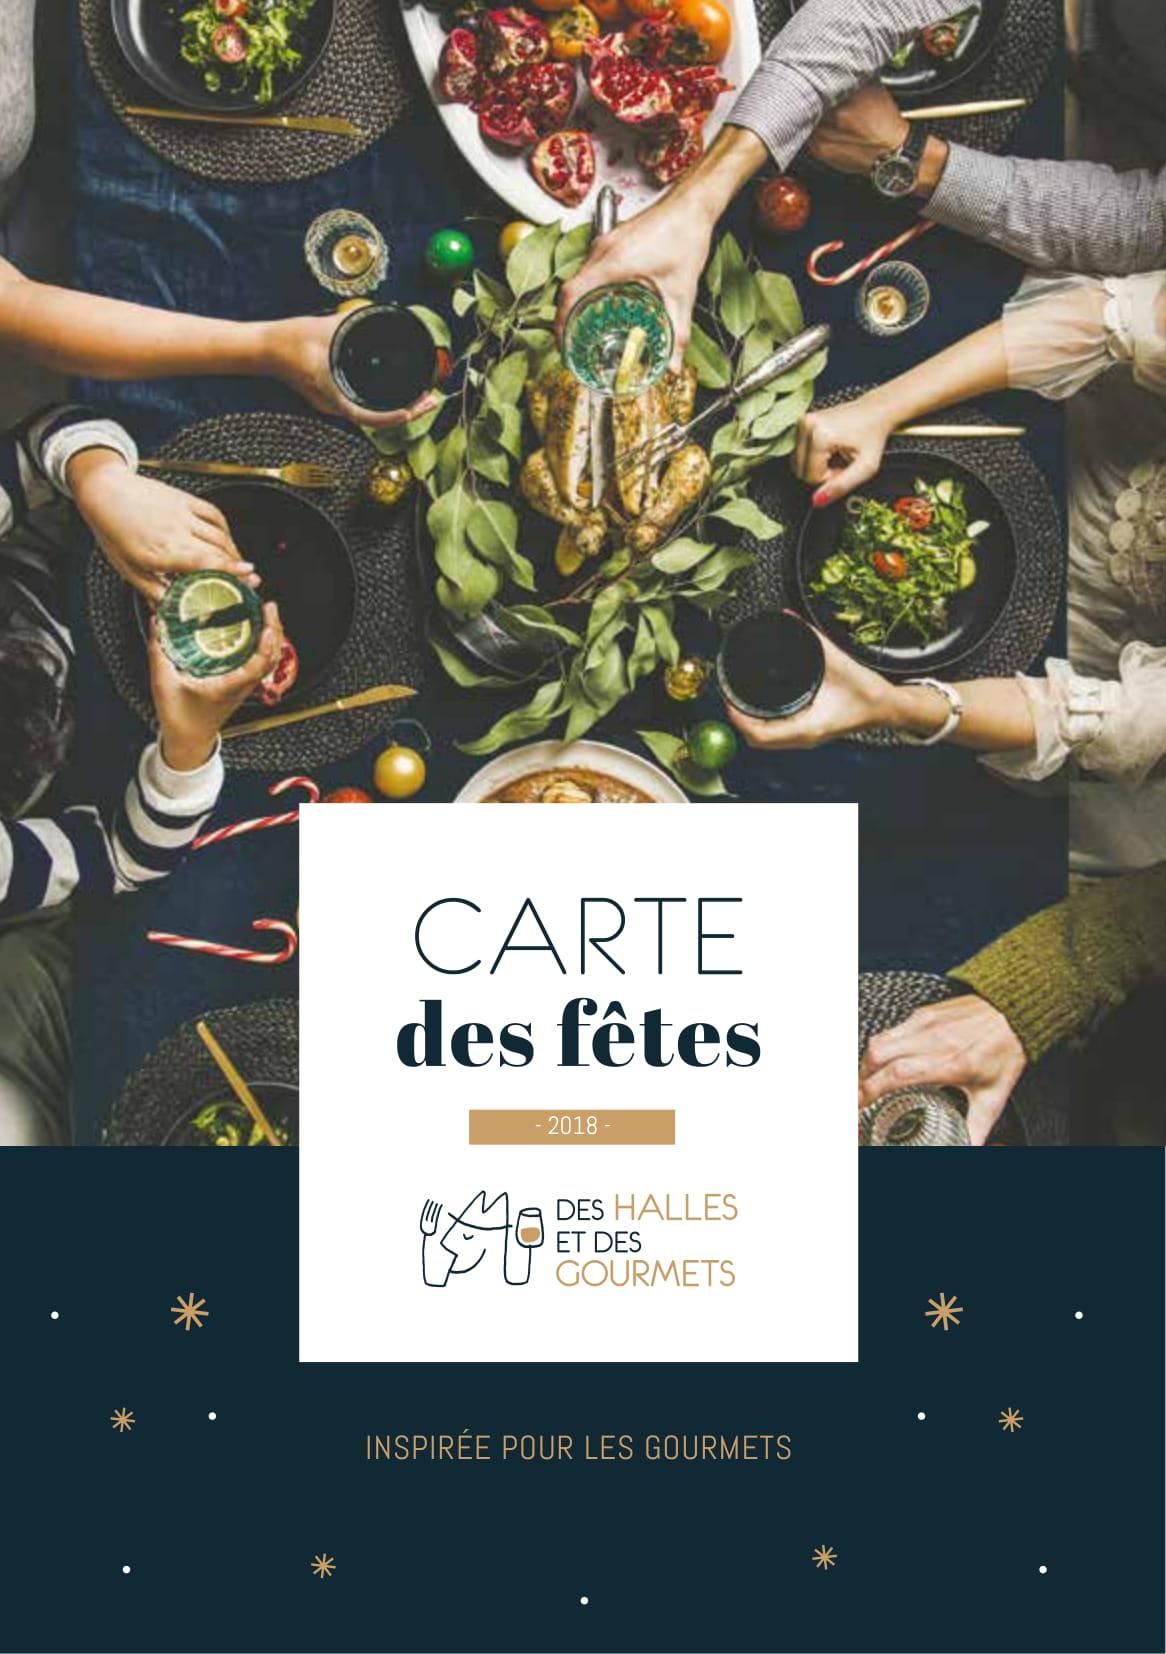 Carte des Fetes 2018 - couv - des halles et des gourmets